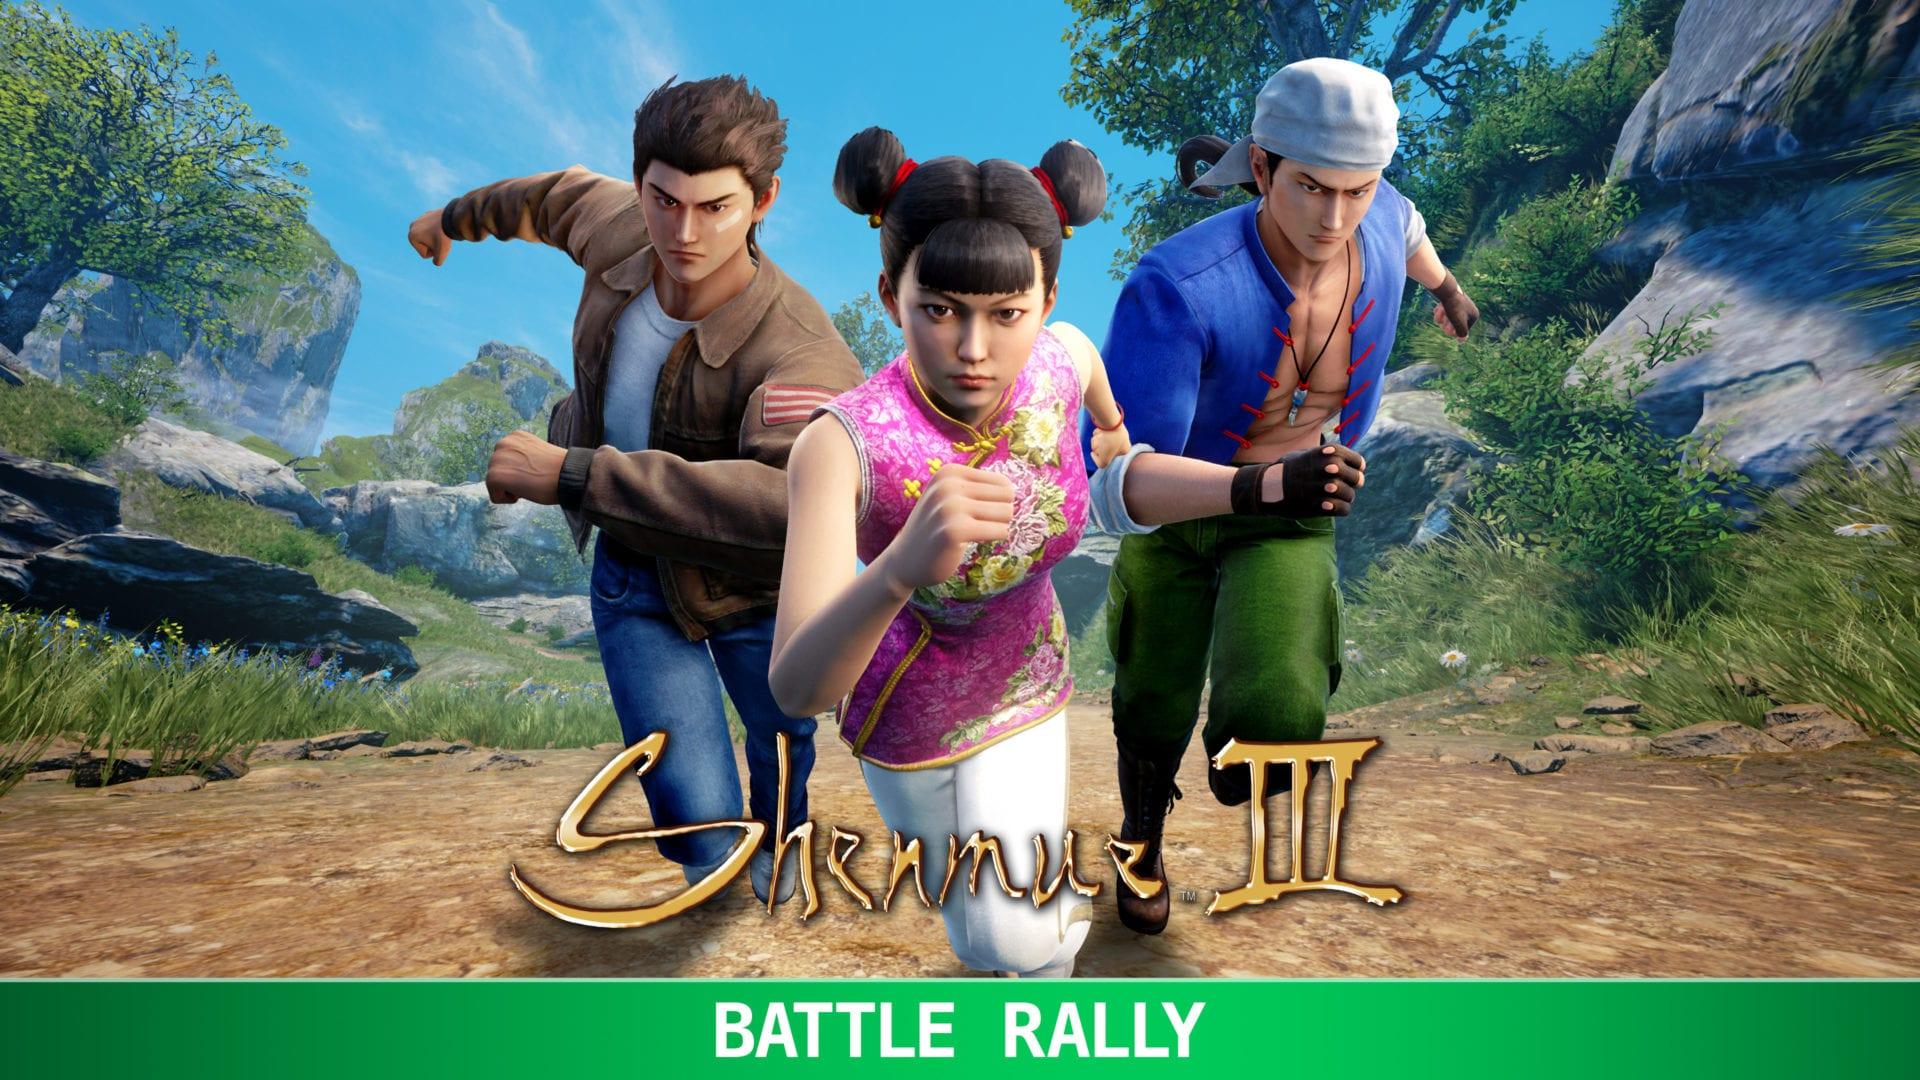 battle rally, Shenmue III